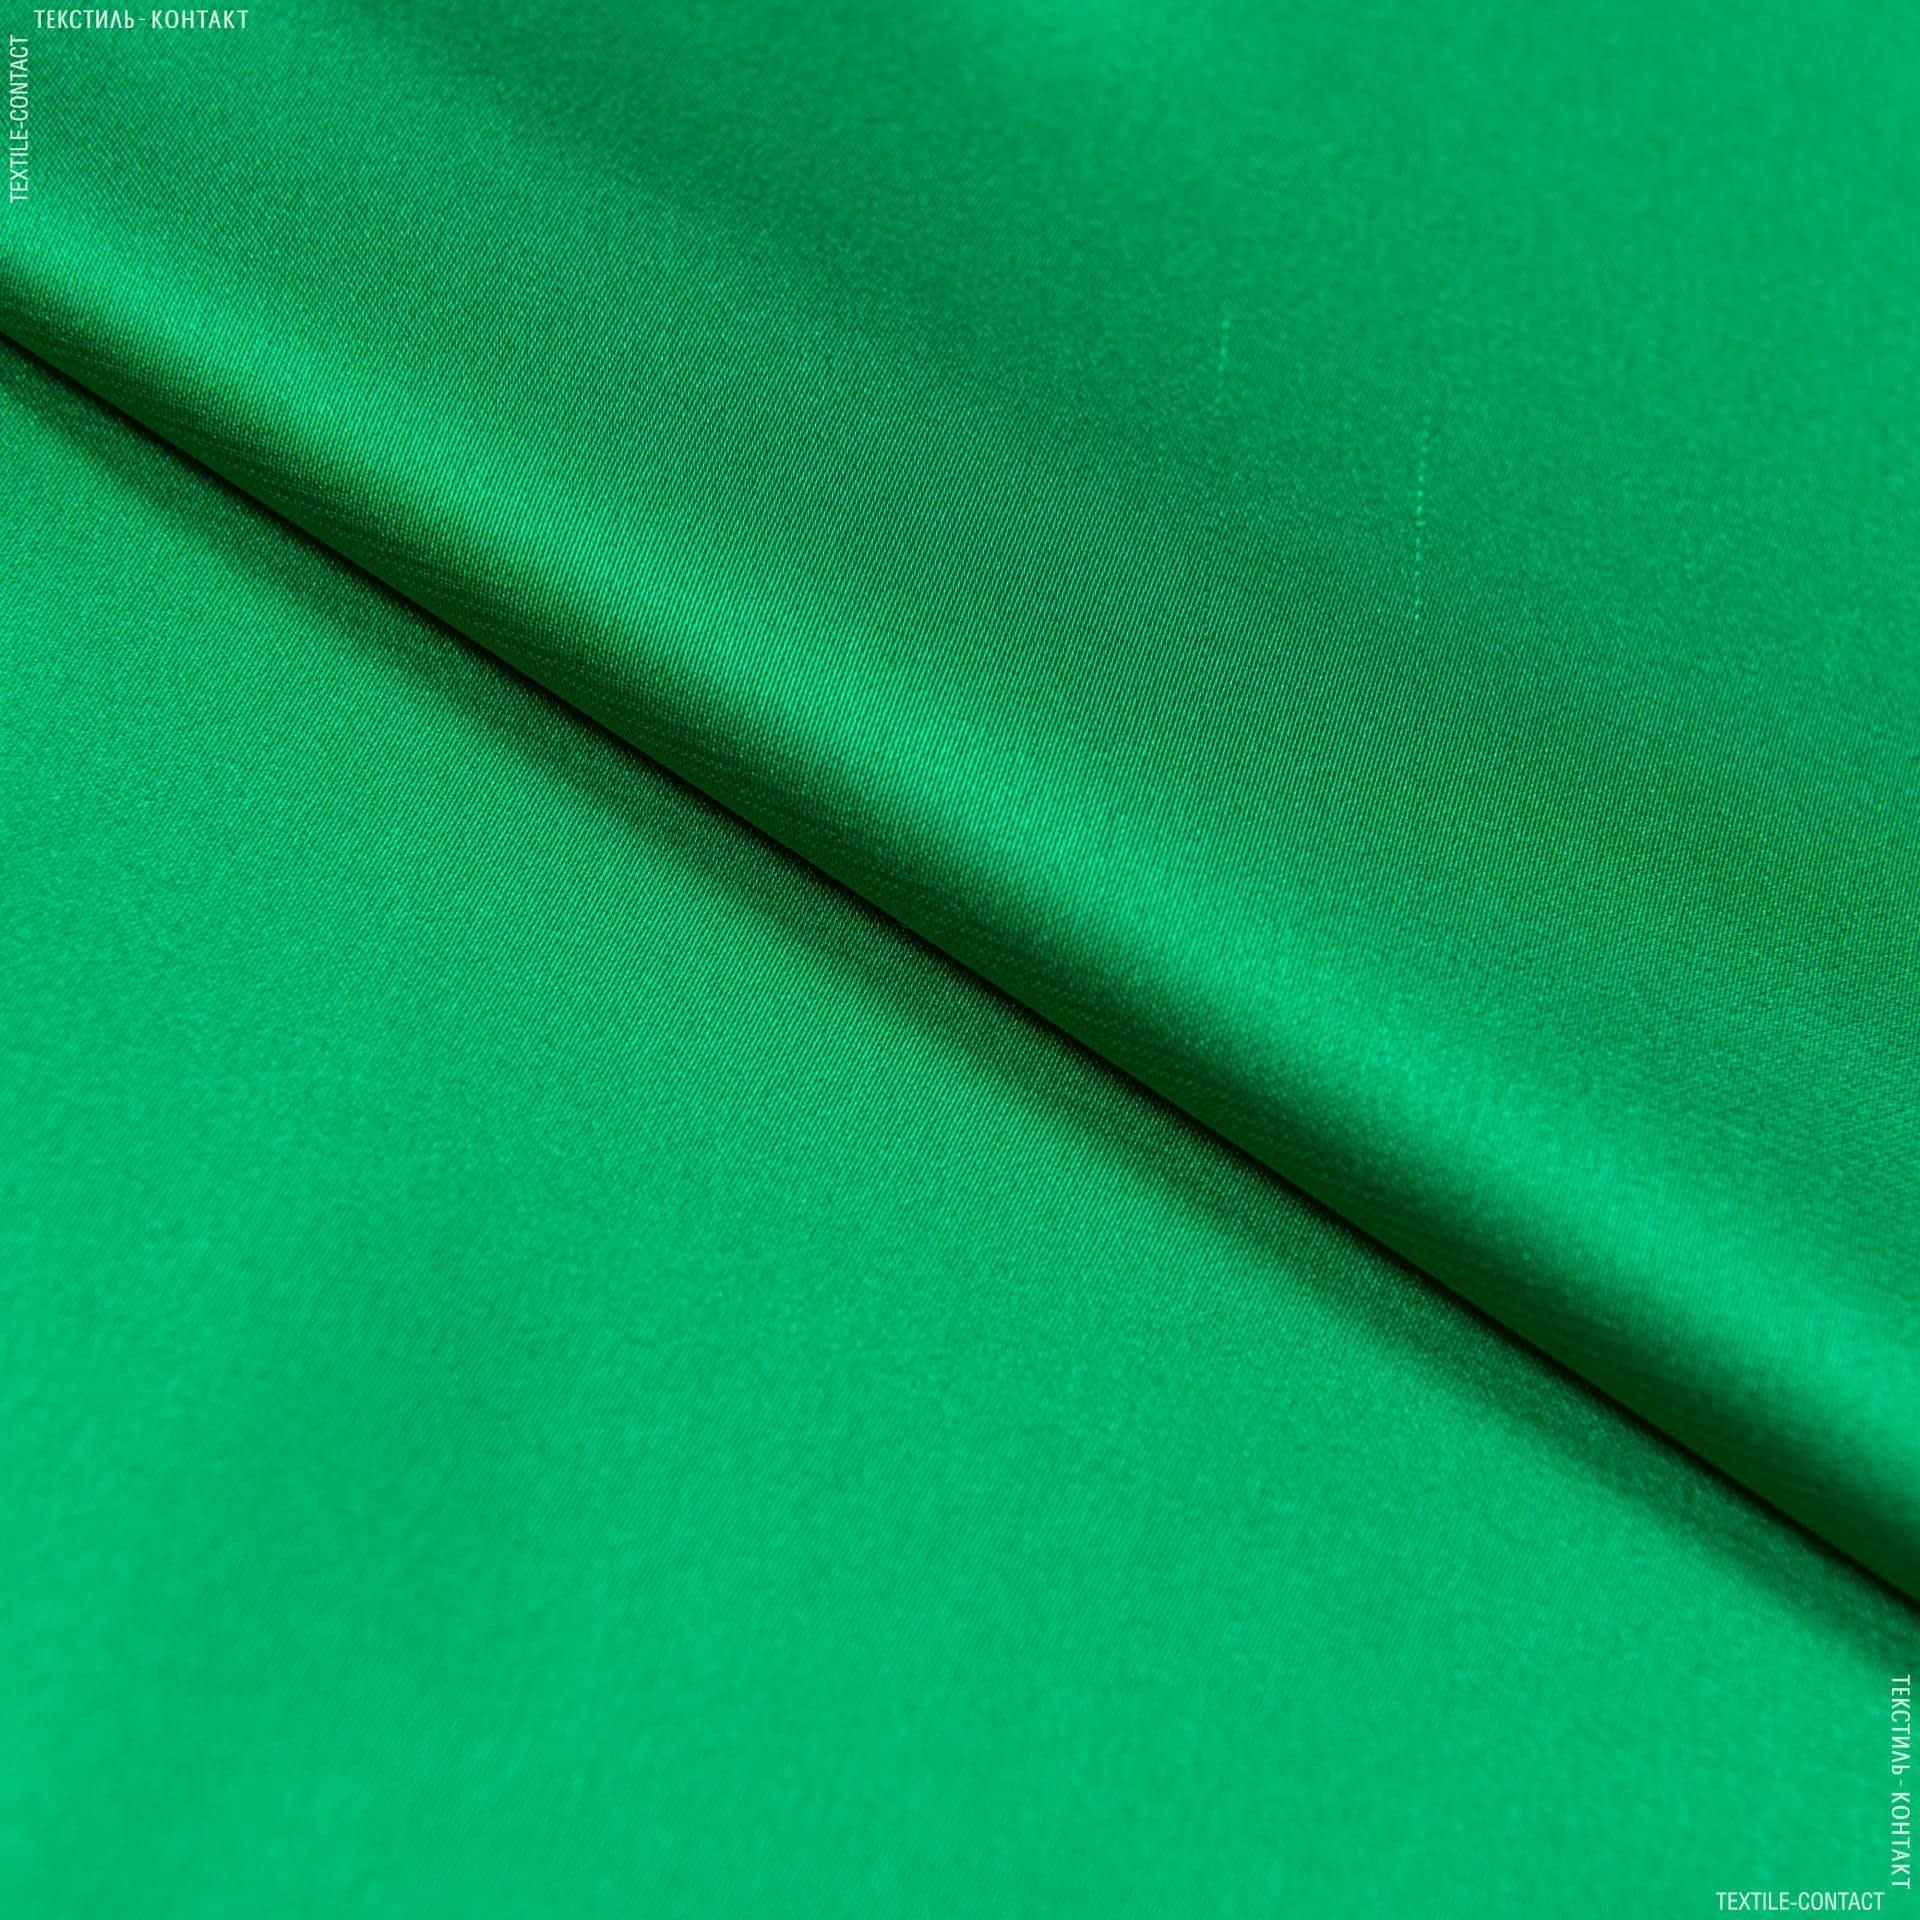 Ткани для платьев - Шелк искусственный стрейч трава